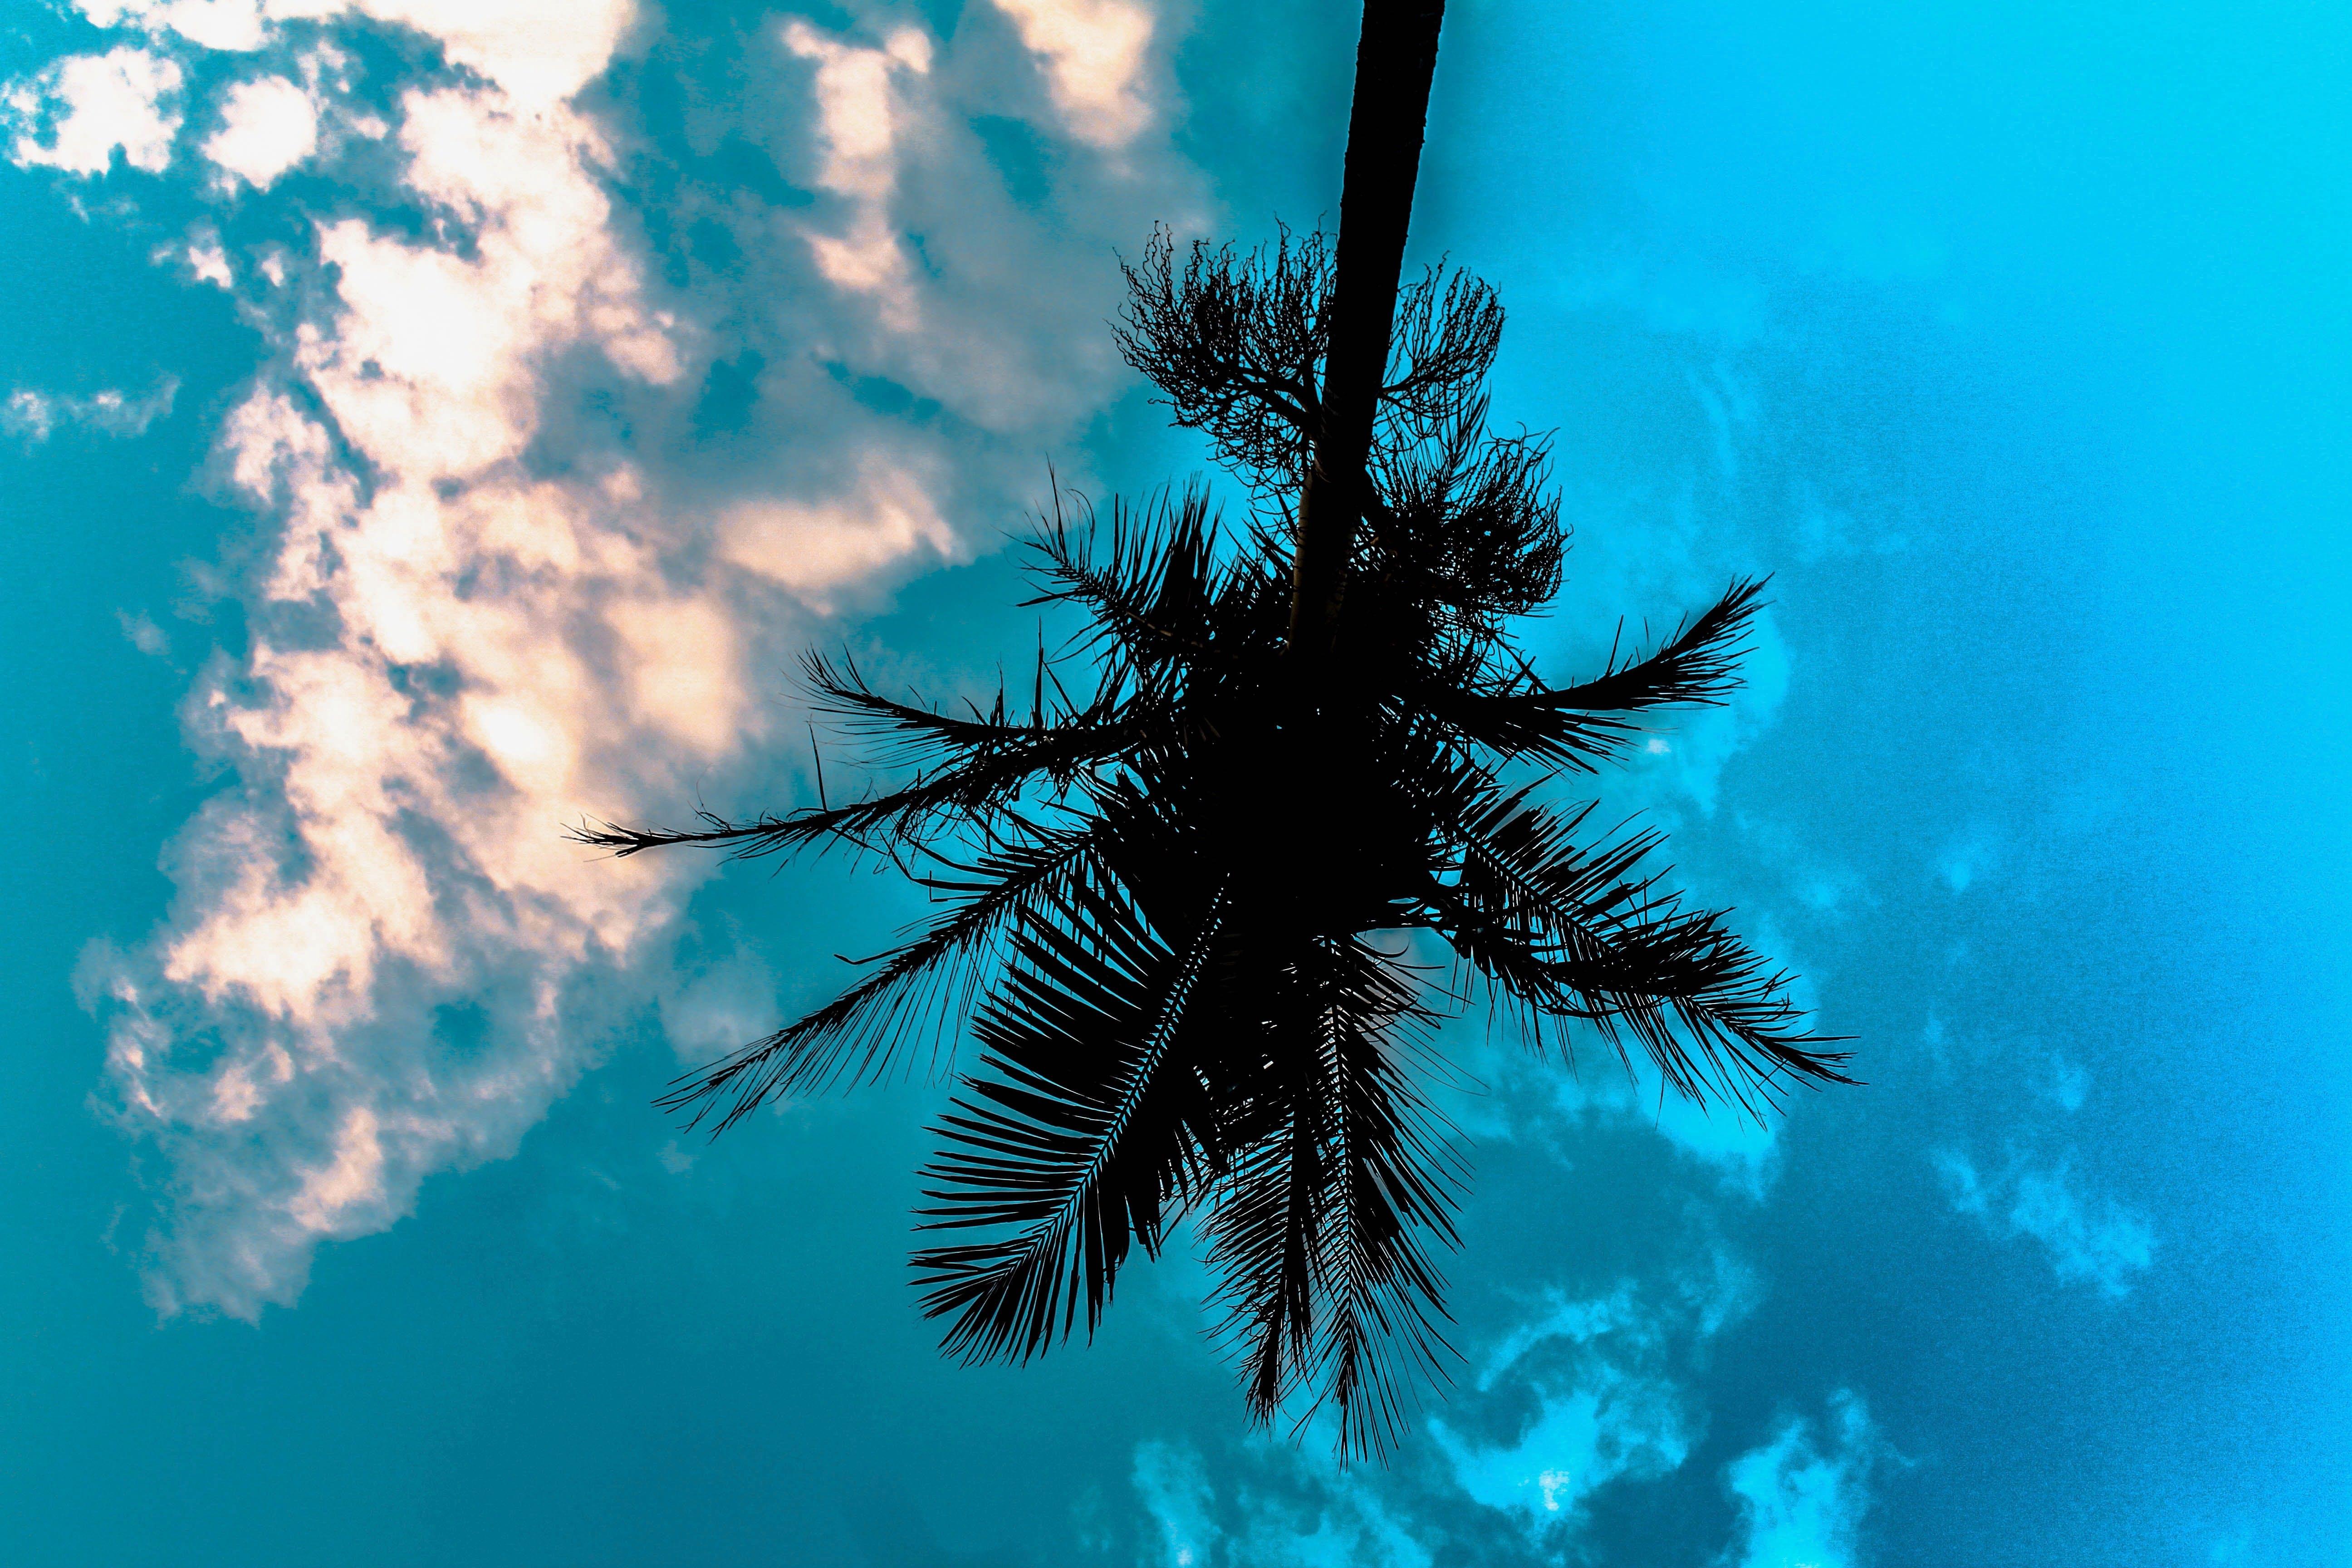 Gratis stockfoto met blauw, blauwe lucht, gezichtspunt, ondersteboven